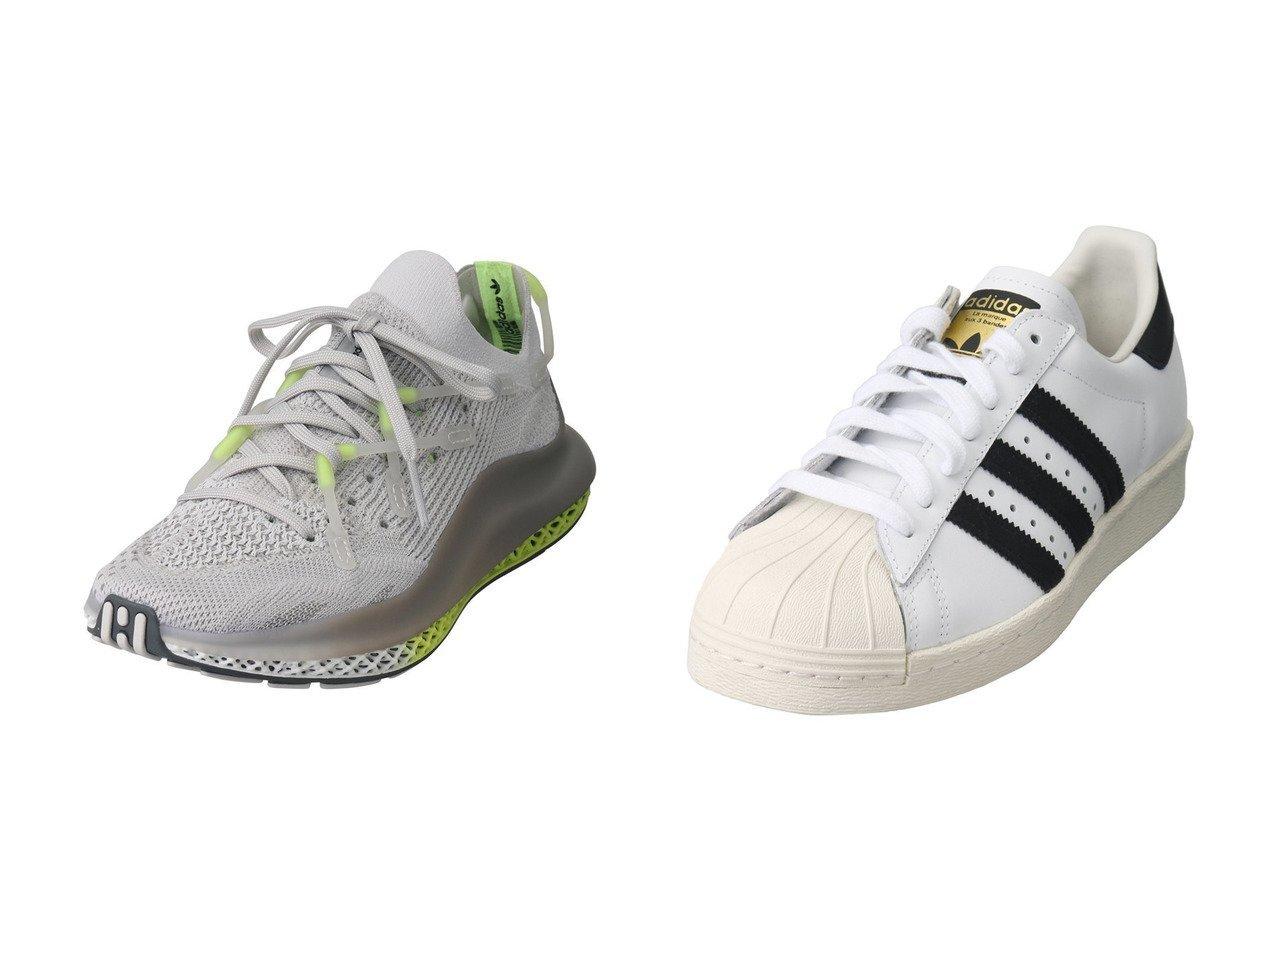 【PLAIN PEOPLE/プレインピープル】の【adidas】4D FUSIO FY5928&【adidas】SUPERSTAR 80s G61070 【シューズ・靴】おすすめ!人気、トレンド・レディースファッションの通販   おすすめで人気の流行・トレンド、ファッションの通販商品 インテリア・家具・メンズファッション・キッズファッション・レディースファッション・服の通販 founy(ファニー) https://founy.com/ ファッション Fashion レディースファッション WOMEN スニーカー モノトーン イエロー プリント メッシュ |ID:crp329100000050460